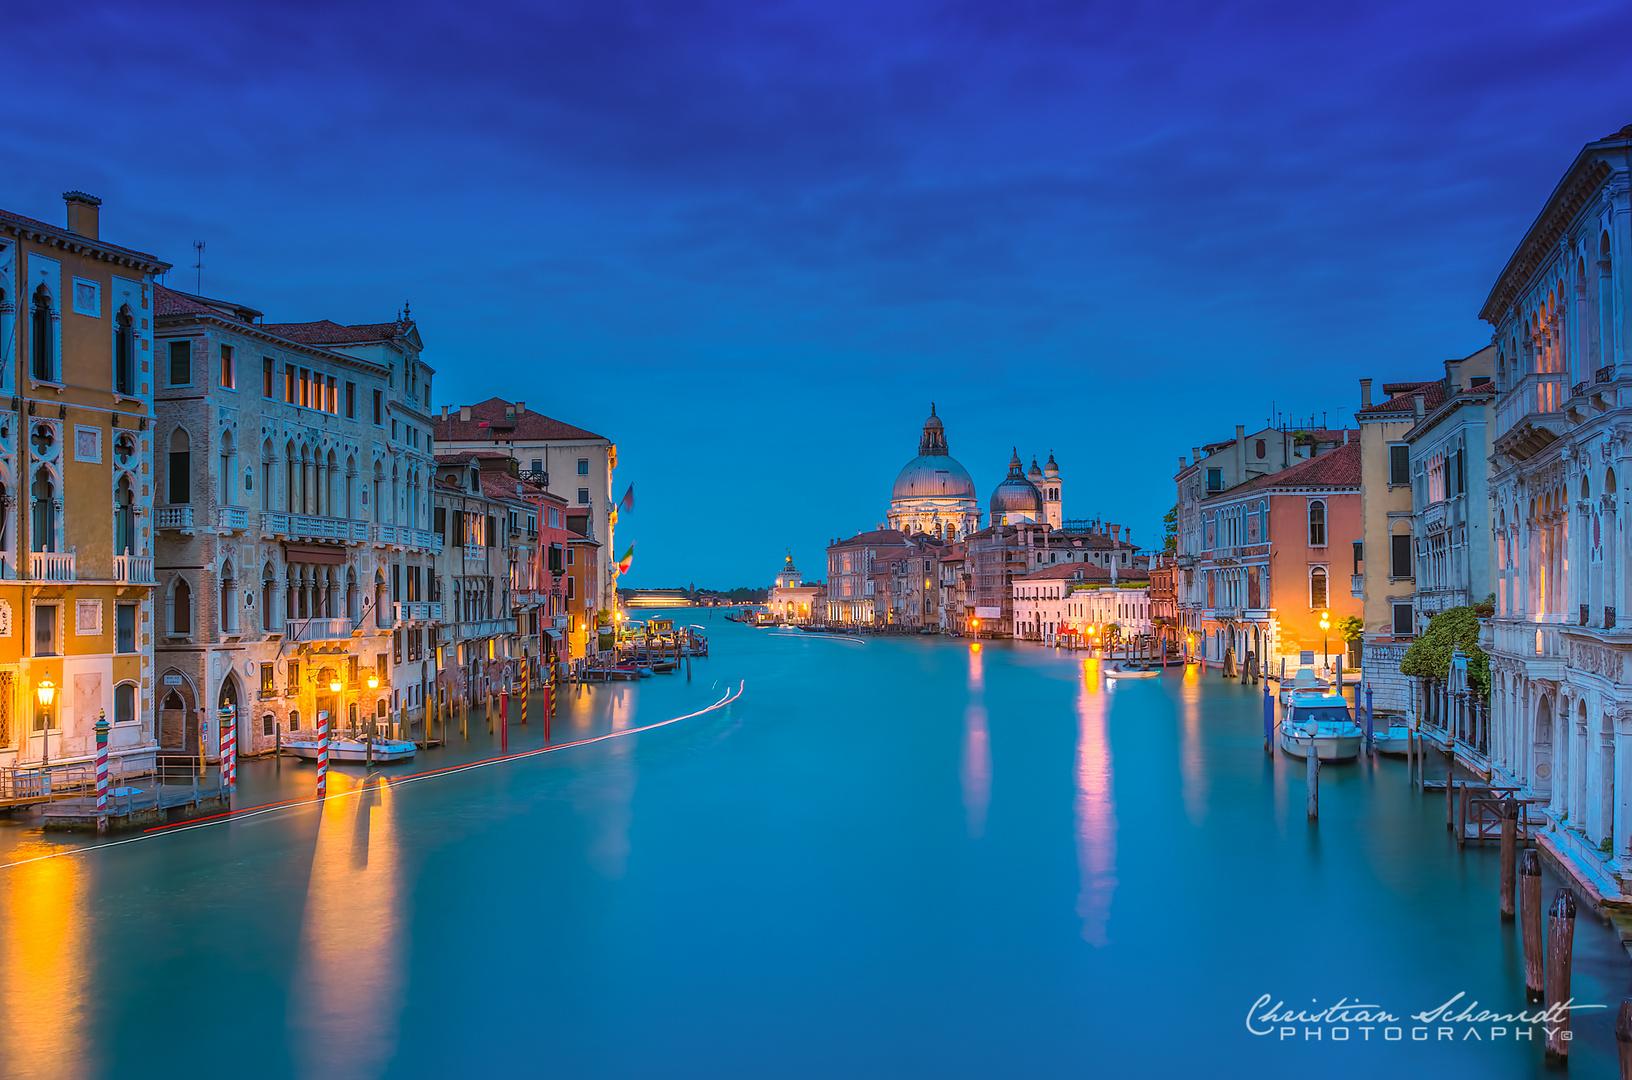 Blaue Stunde am Canale Grande